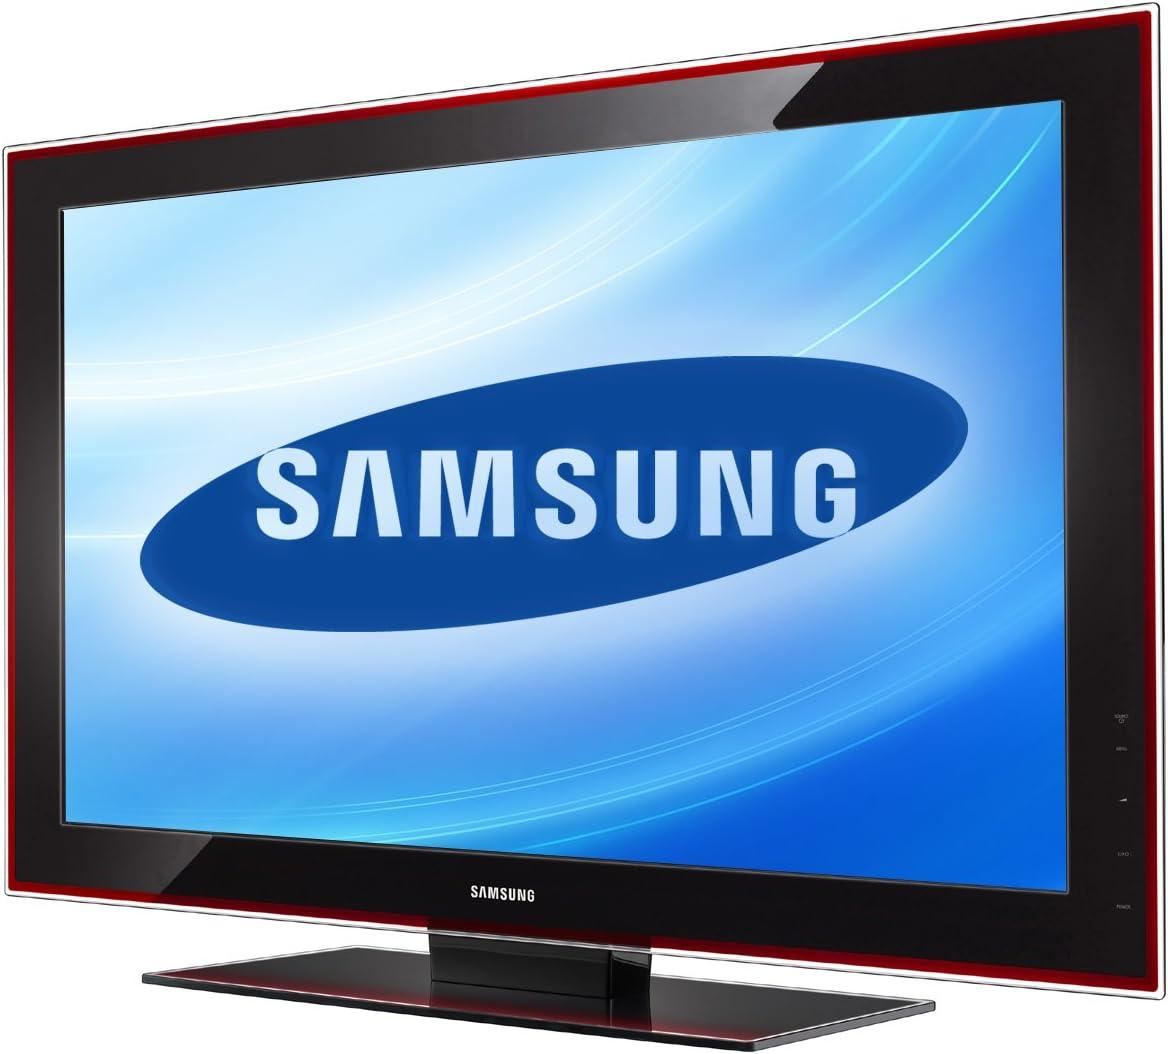 Samsung LE 52 A 759 - Televisión, Pantalla LCD 52 pulgadas: Amazon.es: Electrónica